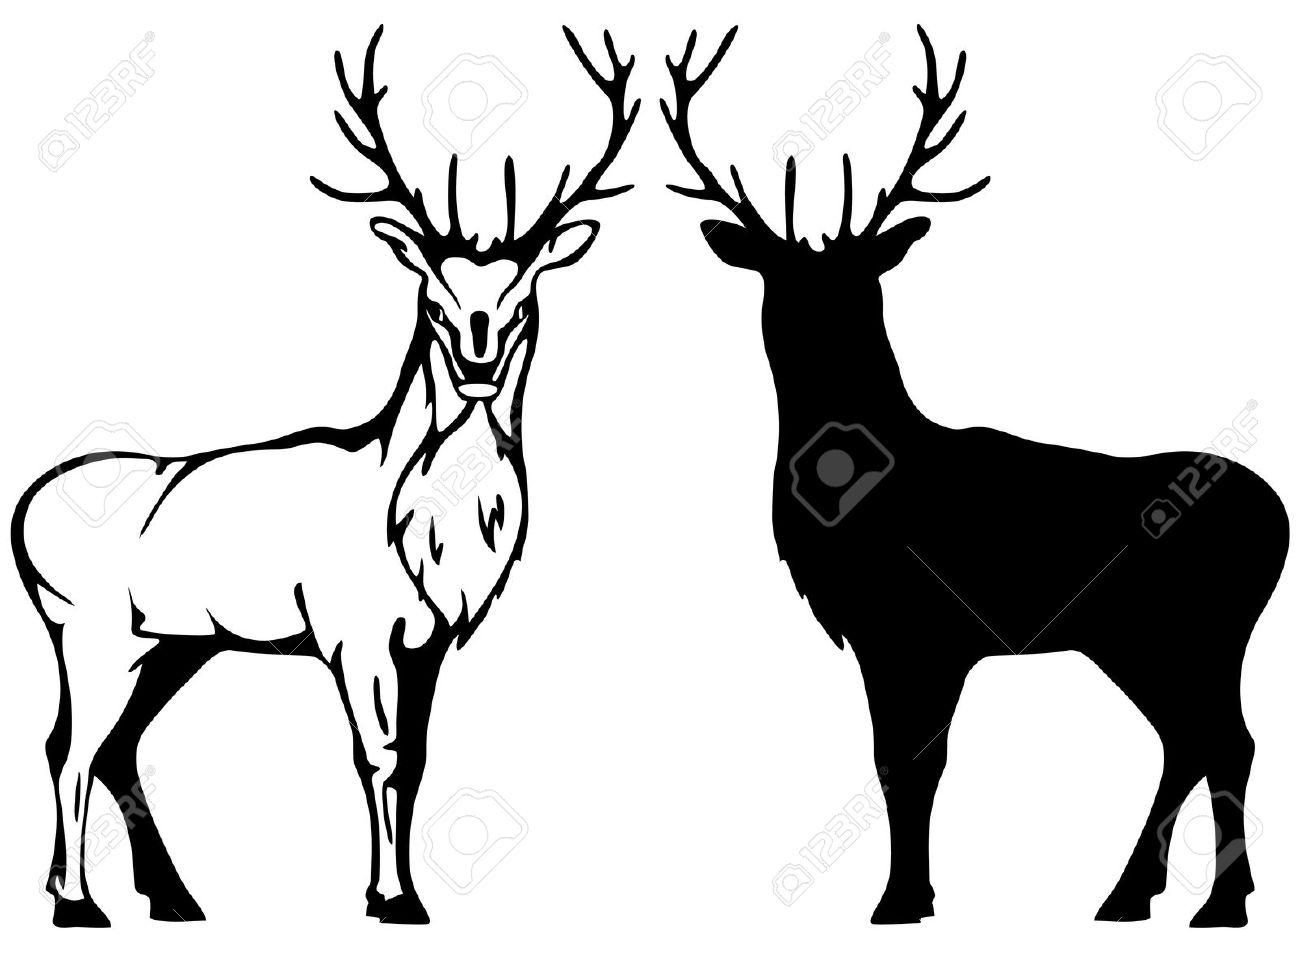 deer silhouette vector at getdrawings com free for personal use rh getdrawings com deer head silhouette vector deer head silhouette vector